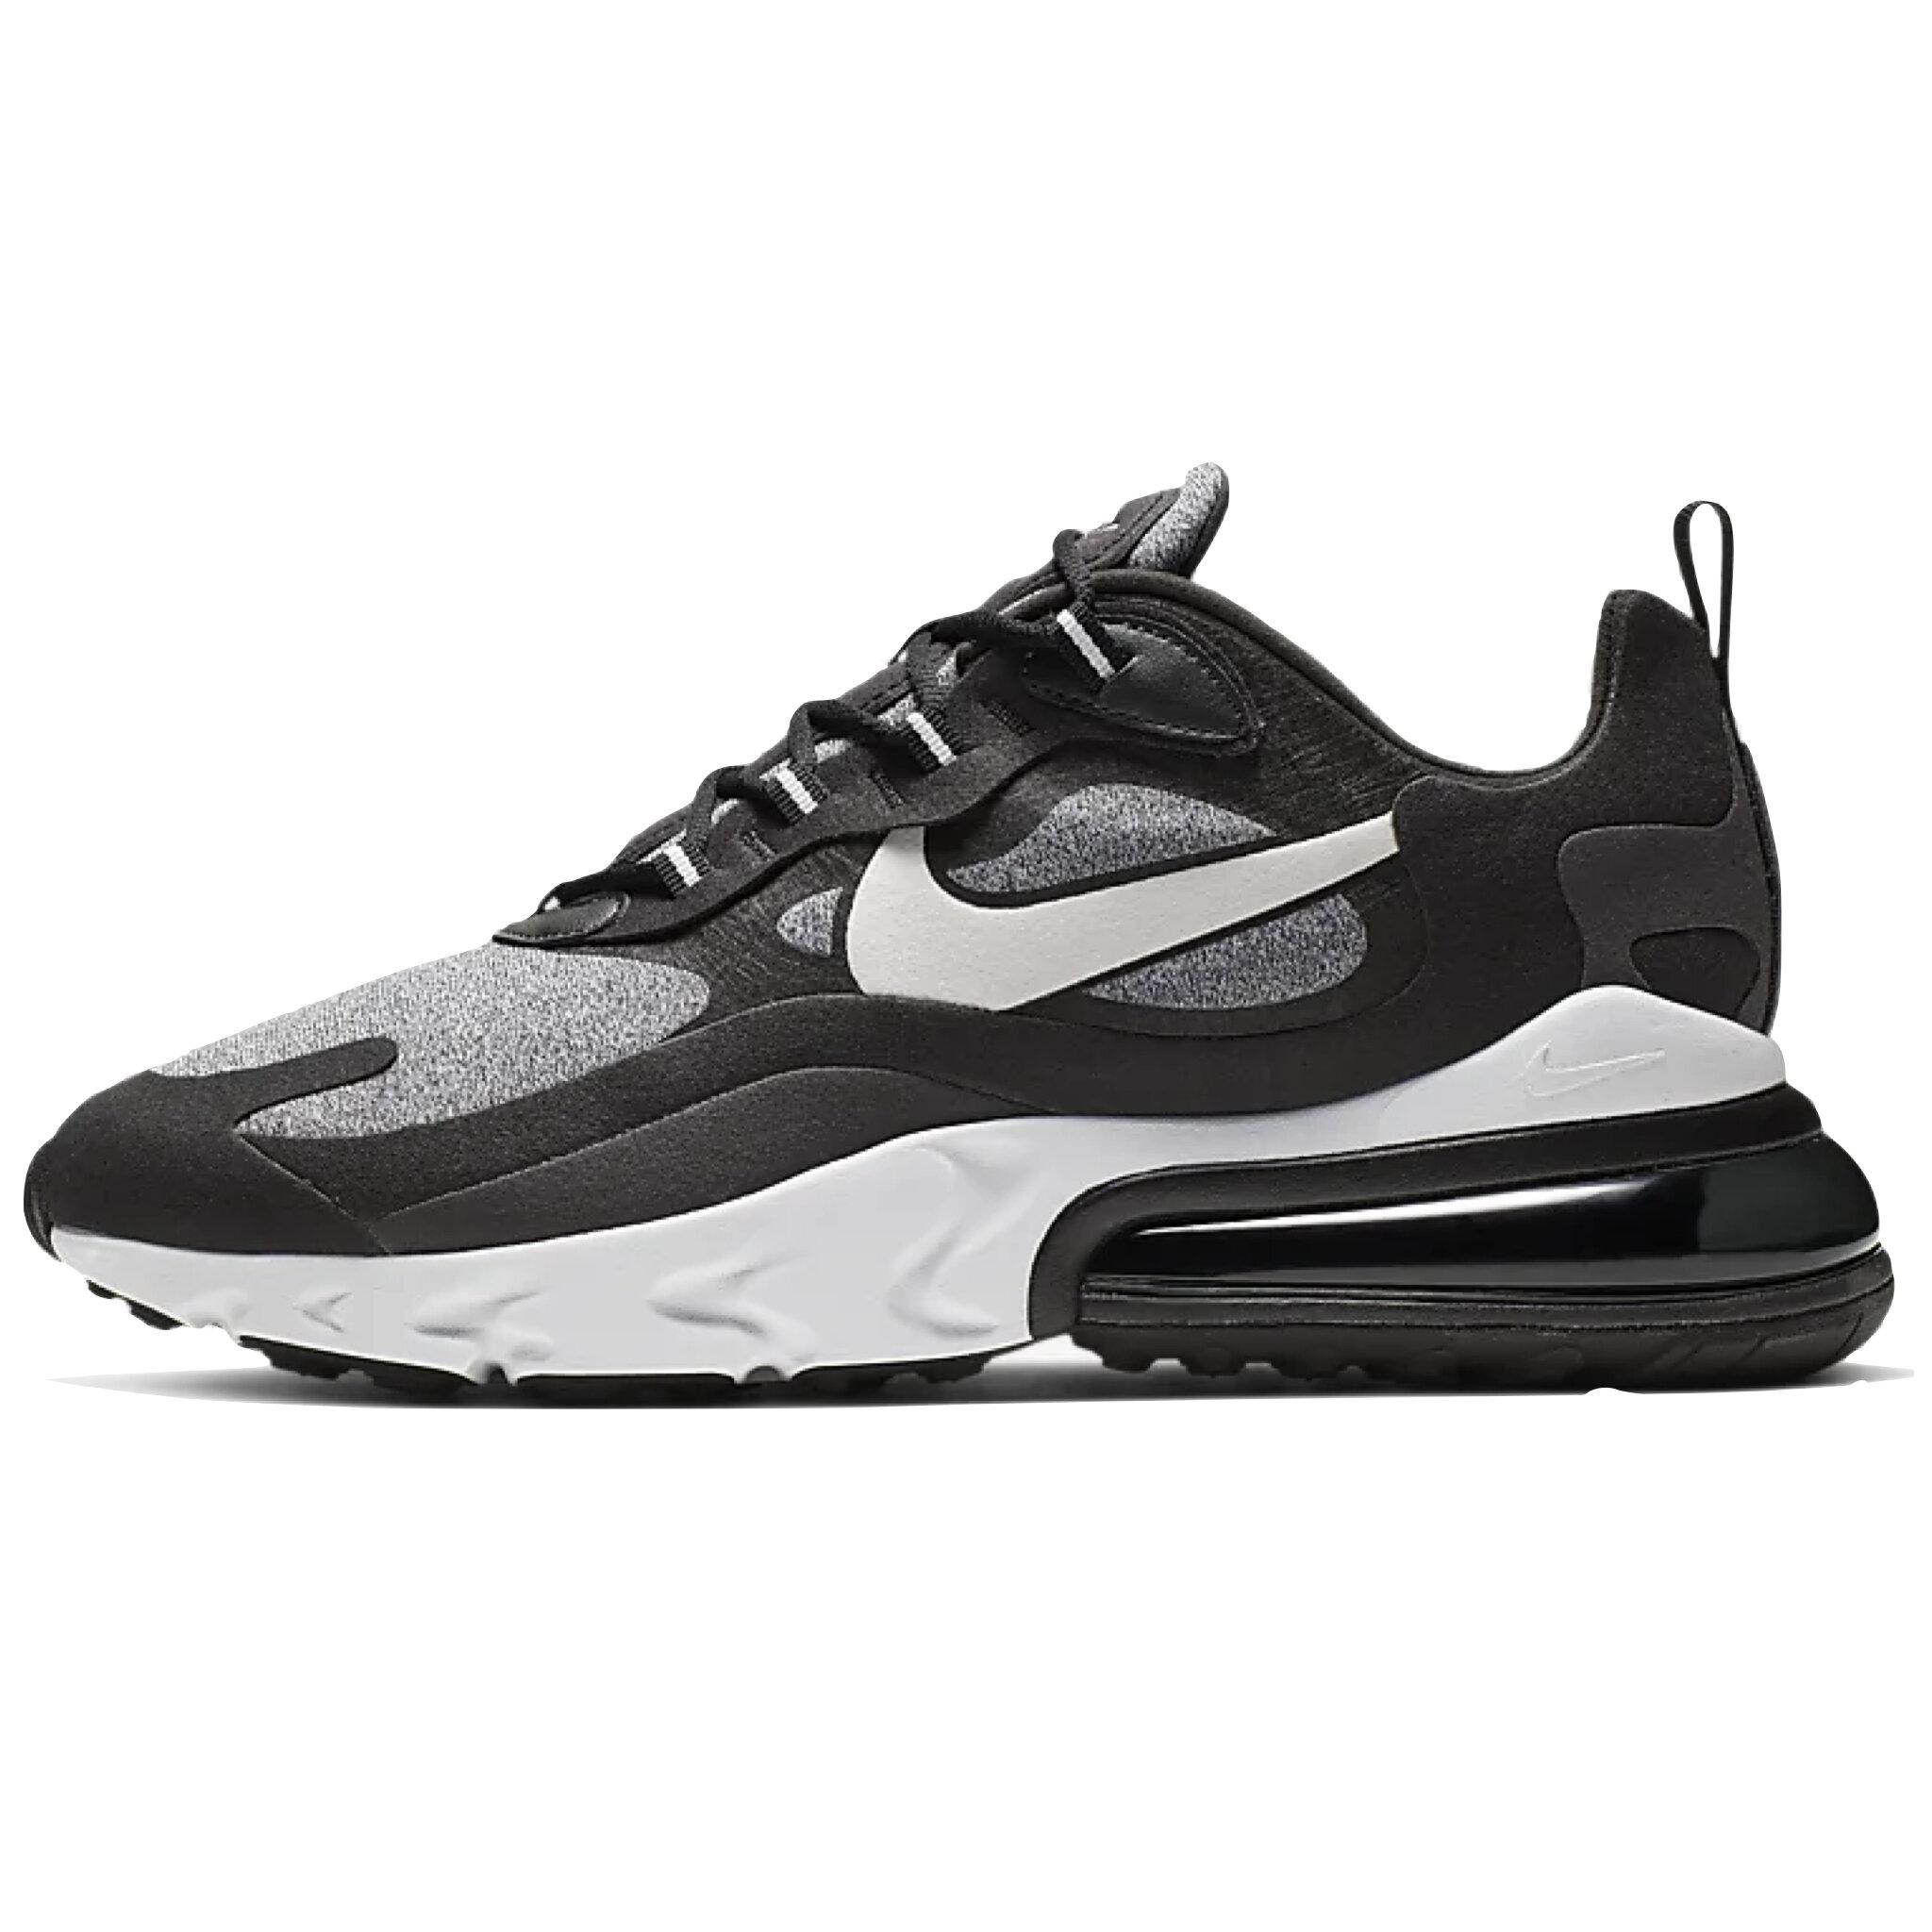 Nike Air Max 270 React Oreo AO4971-001